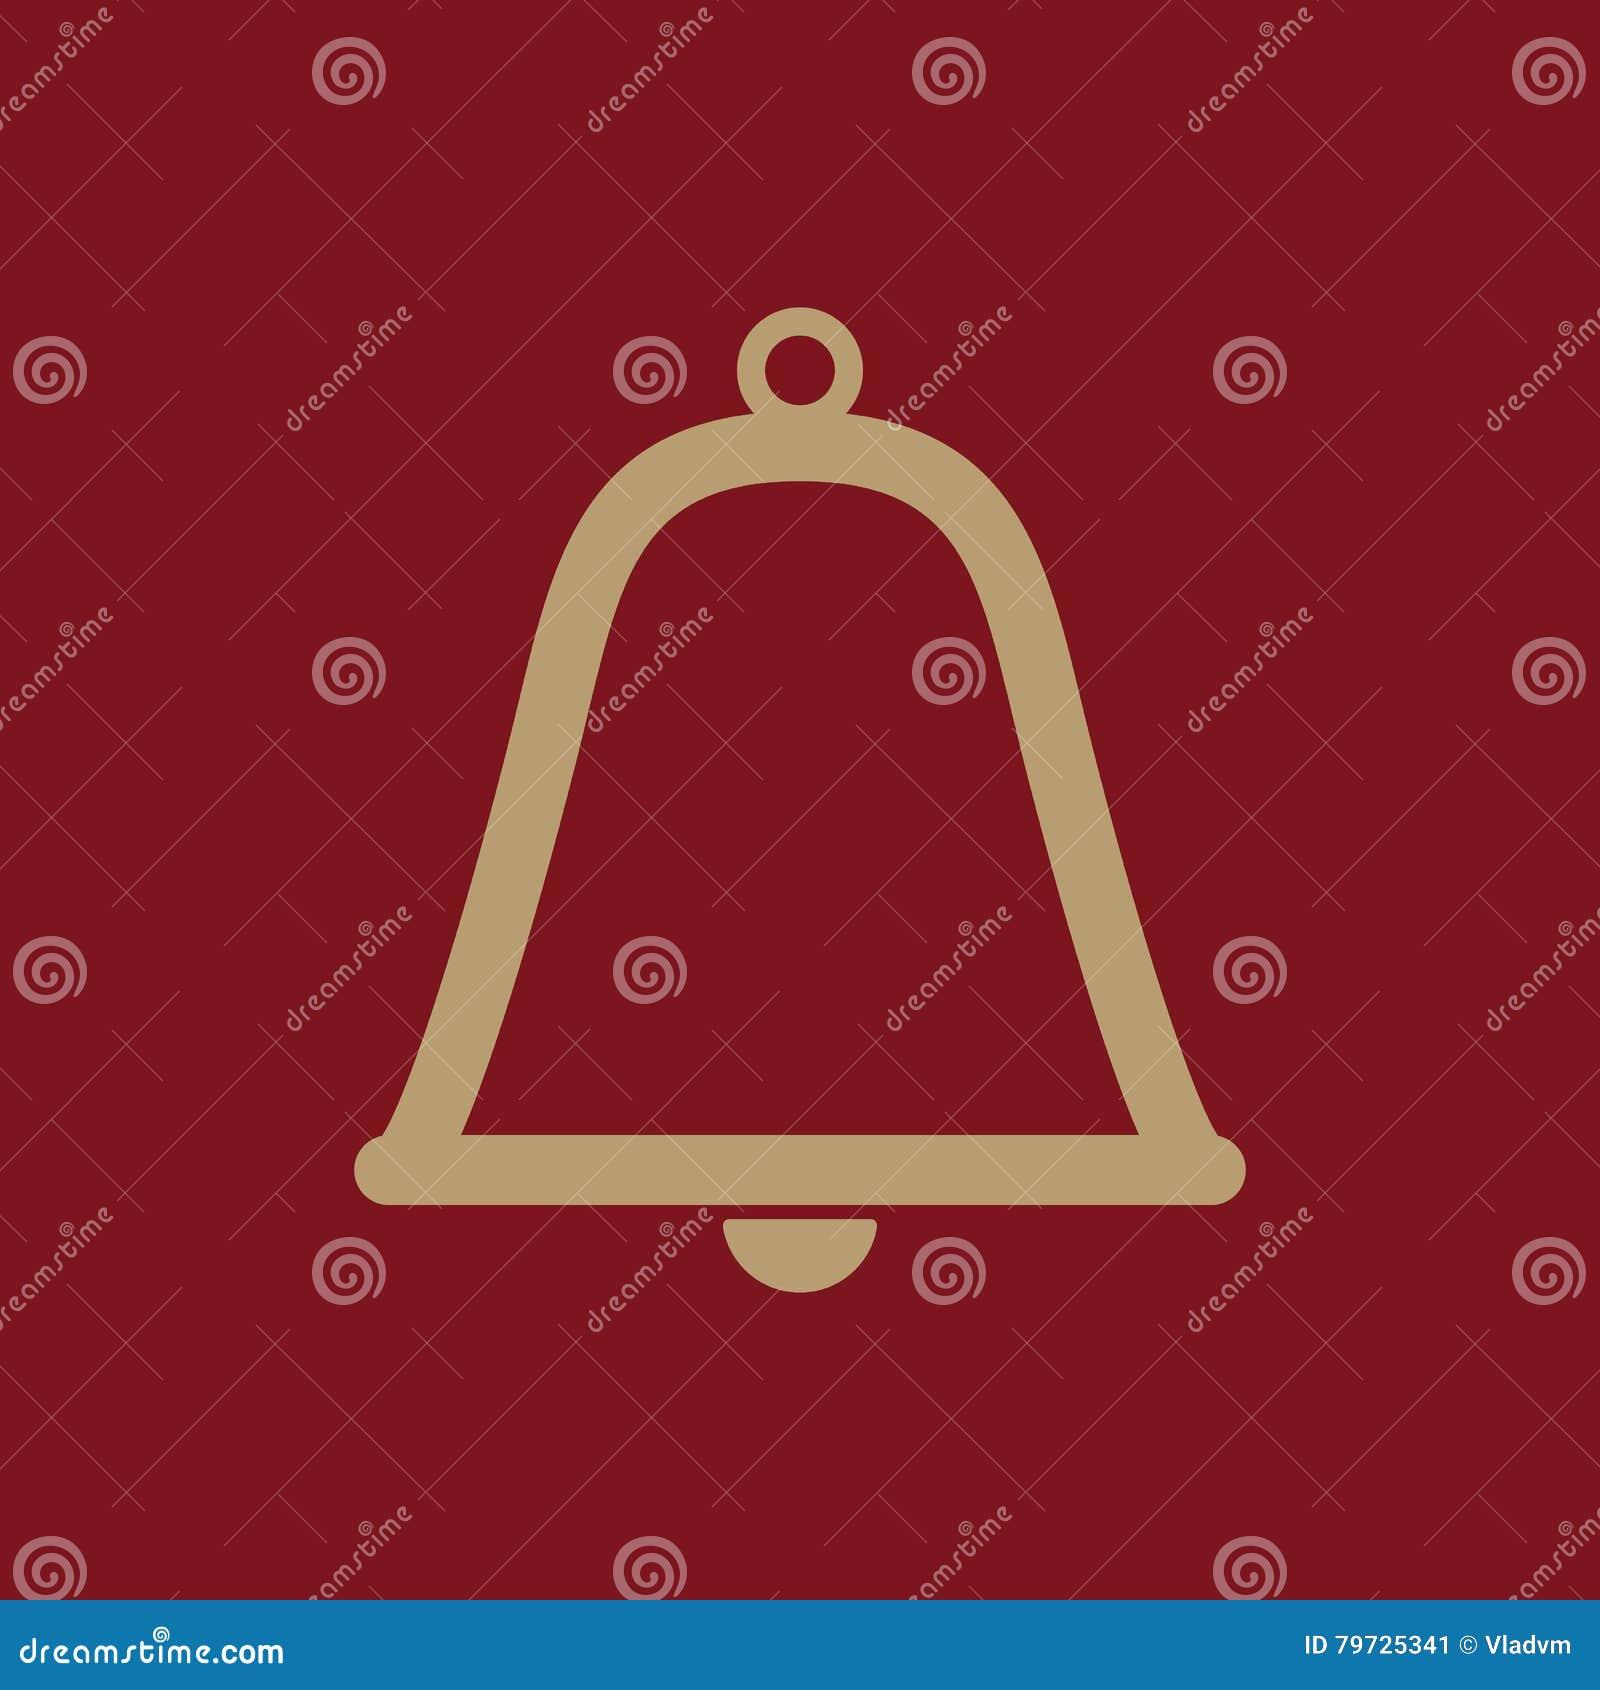 El icono de la campana Símbolo alerta plano